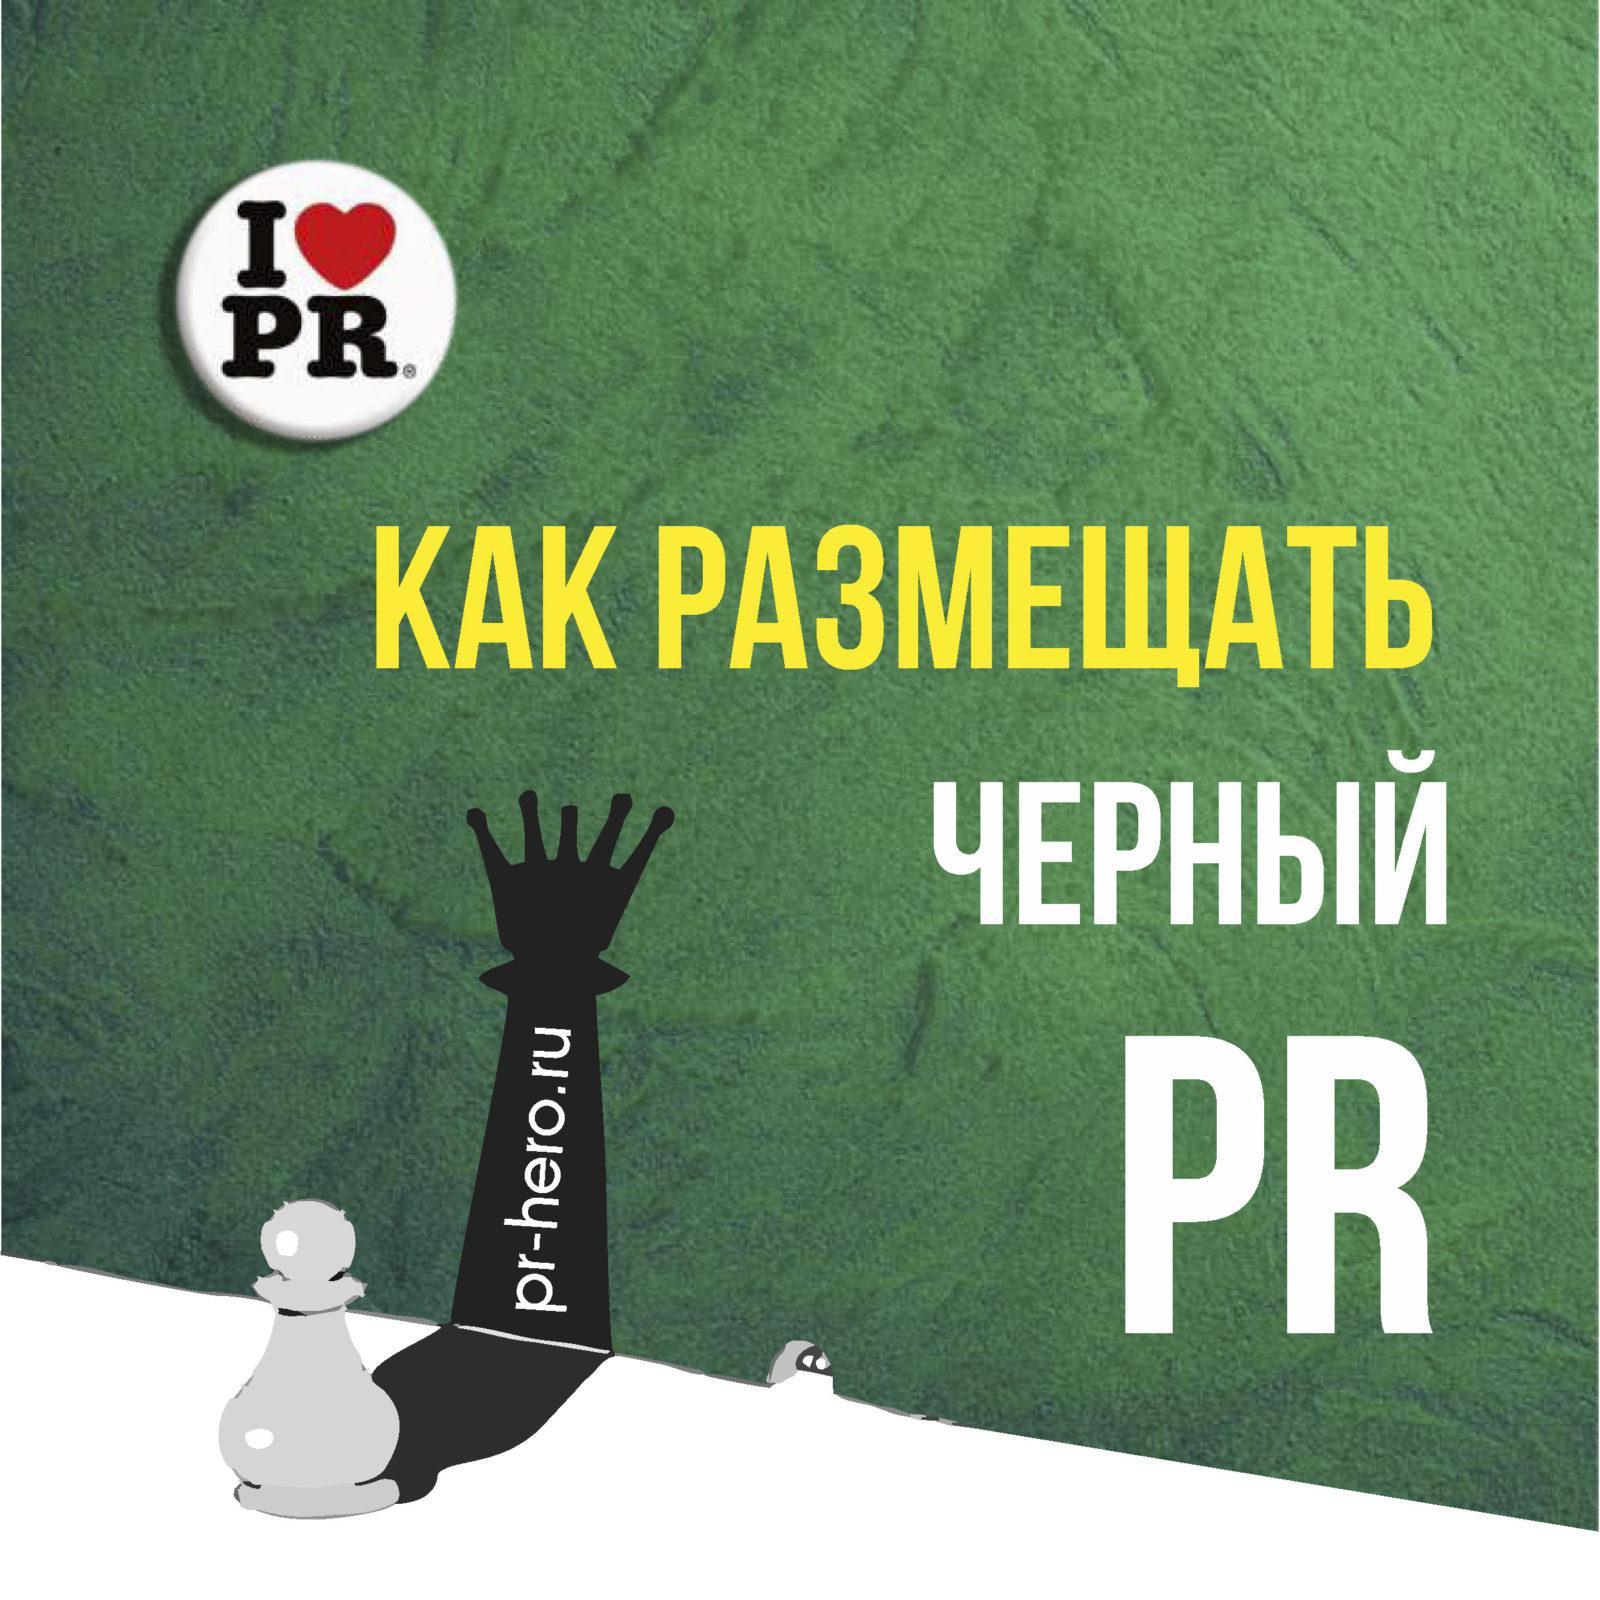 Черный PR Санкт-Петербург